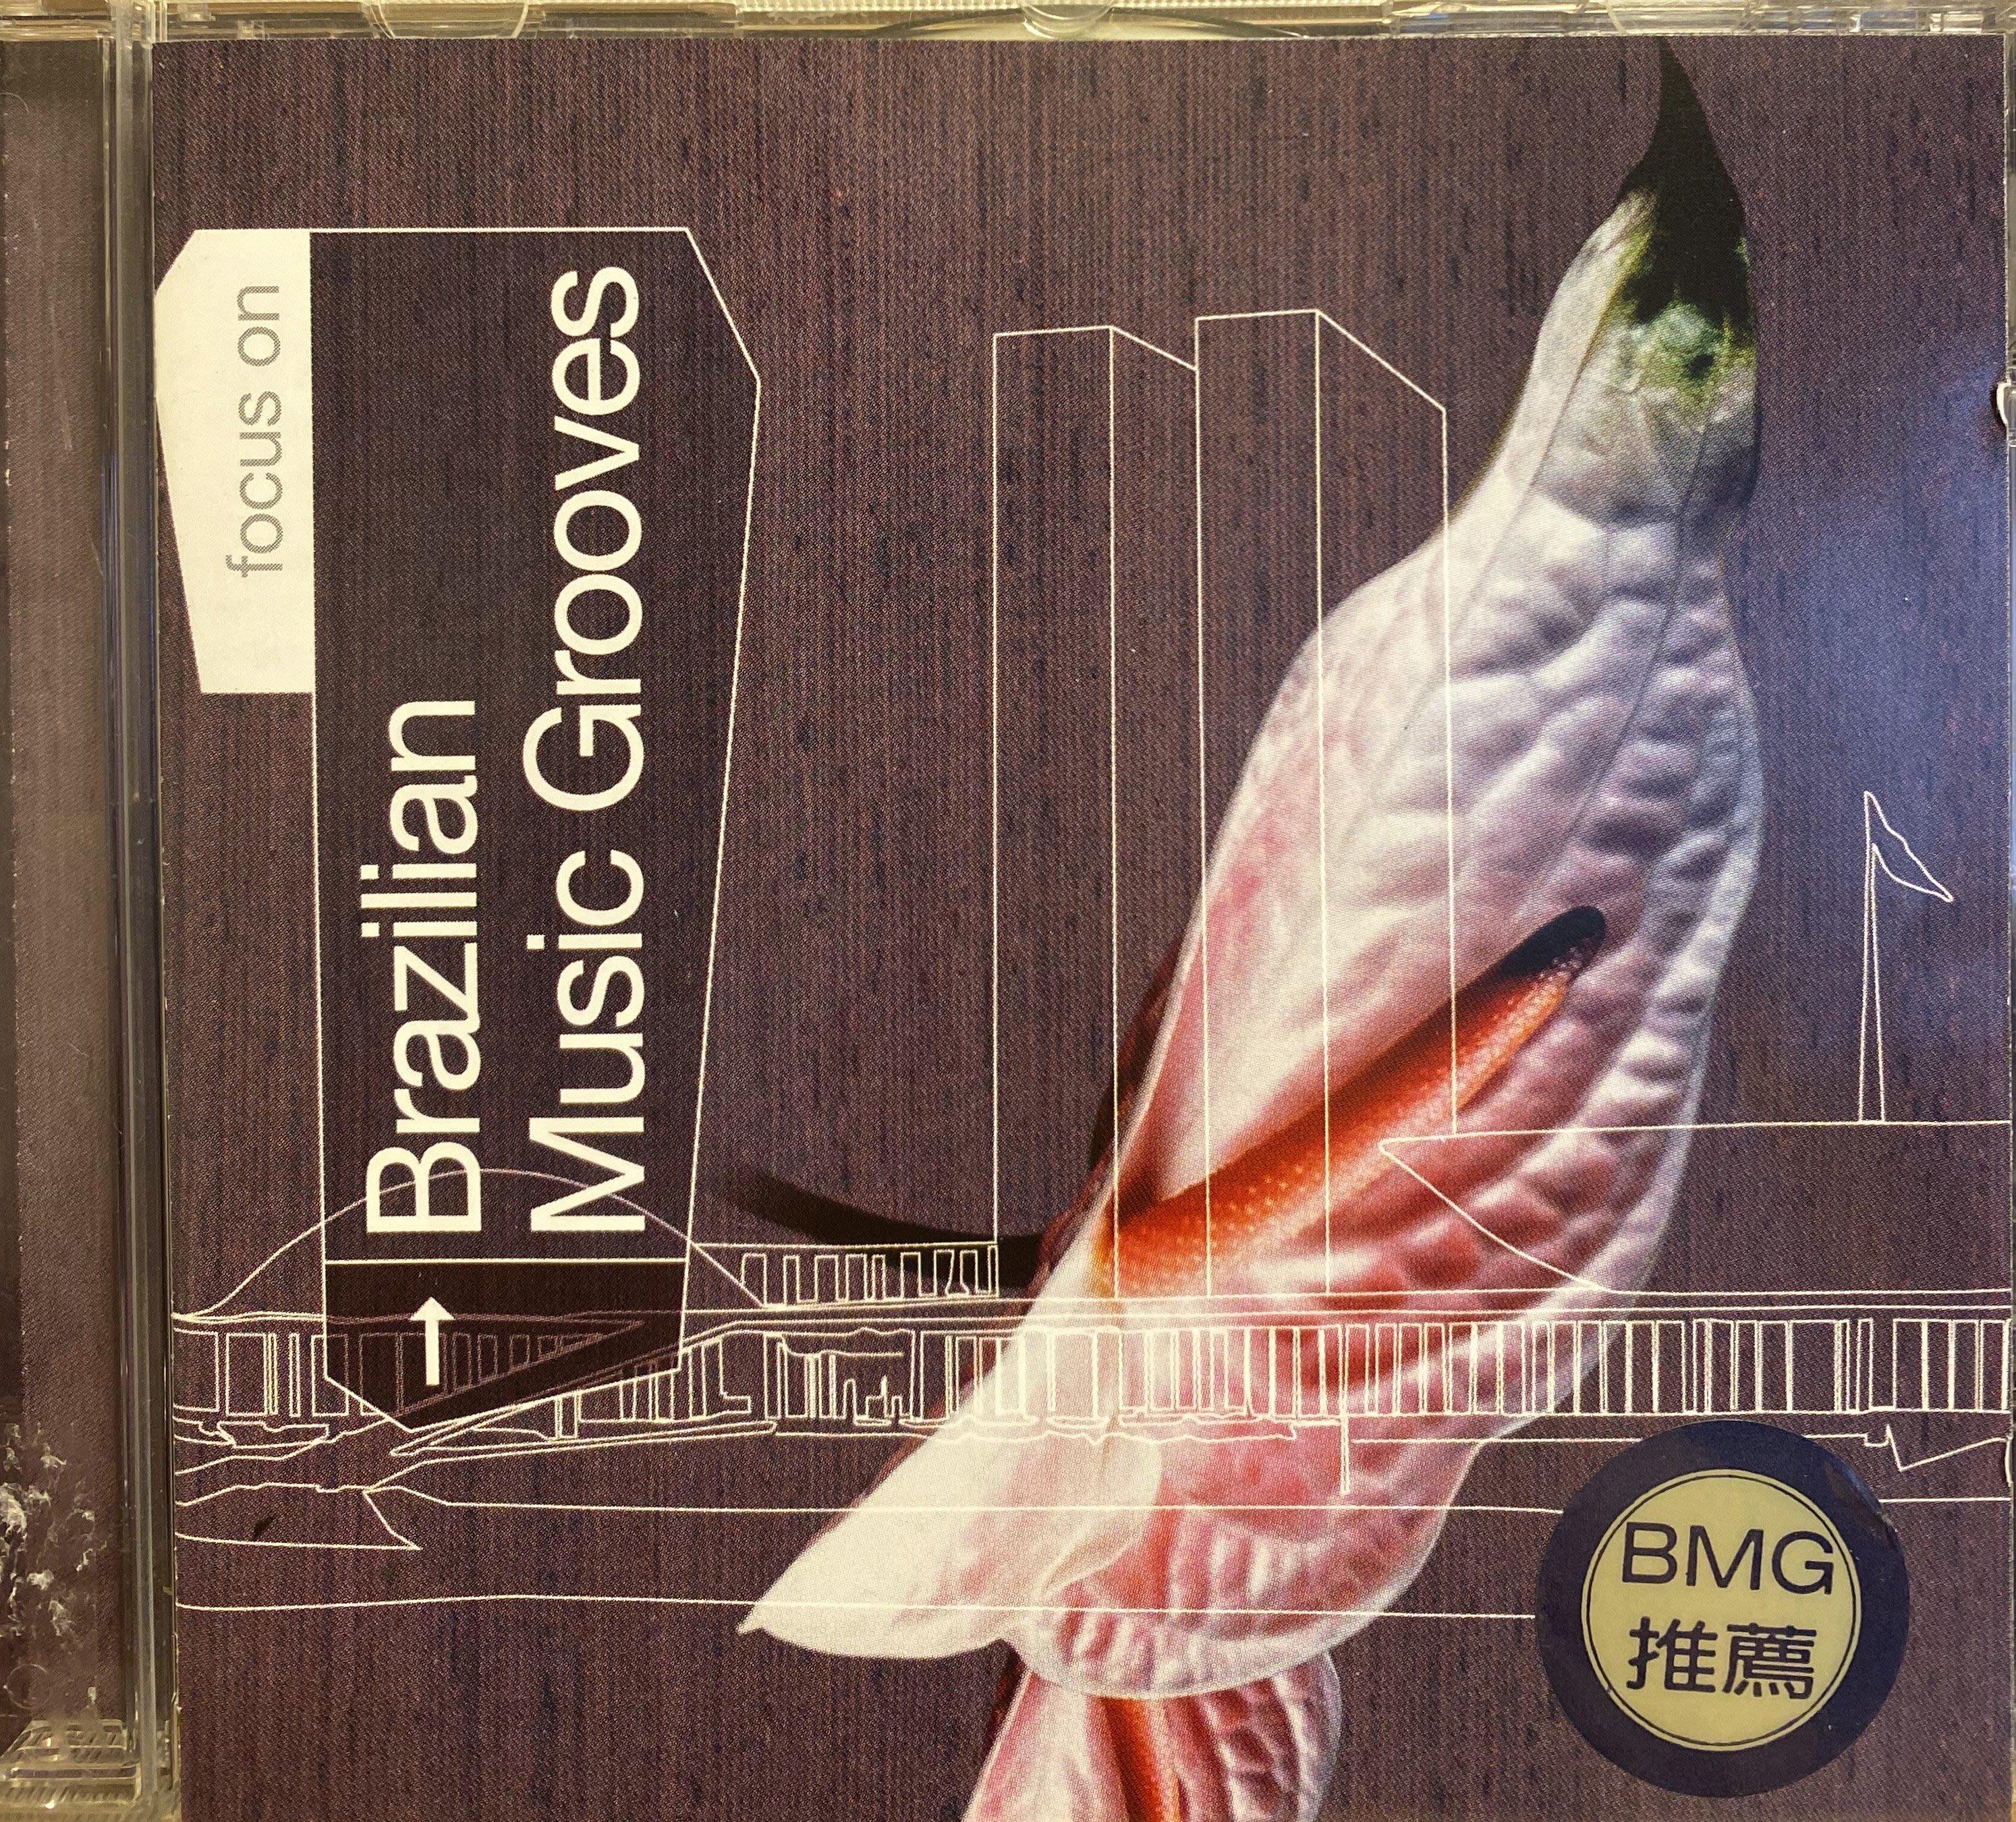 二手CD黑膠交流:Brazilian Music Grooves巴西爵士樂精選,進口版片況如新,全奇摩拍賣最低價起標G7